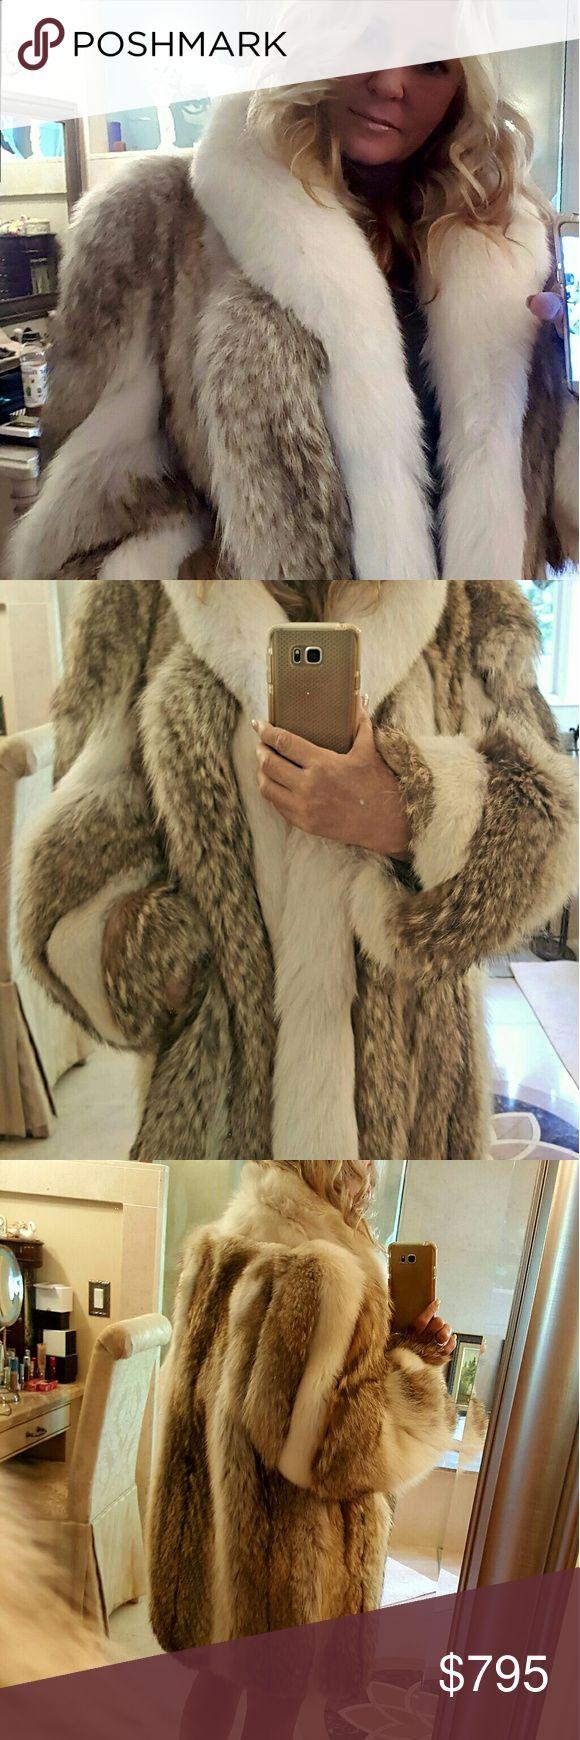 111 best coyote fur images on pinterest pelze. Black Bedroom Furniture Sets. Home Design Ideas